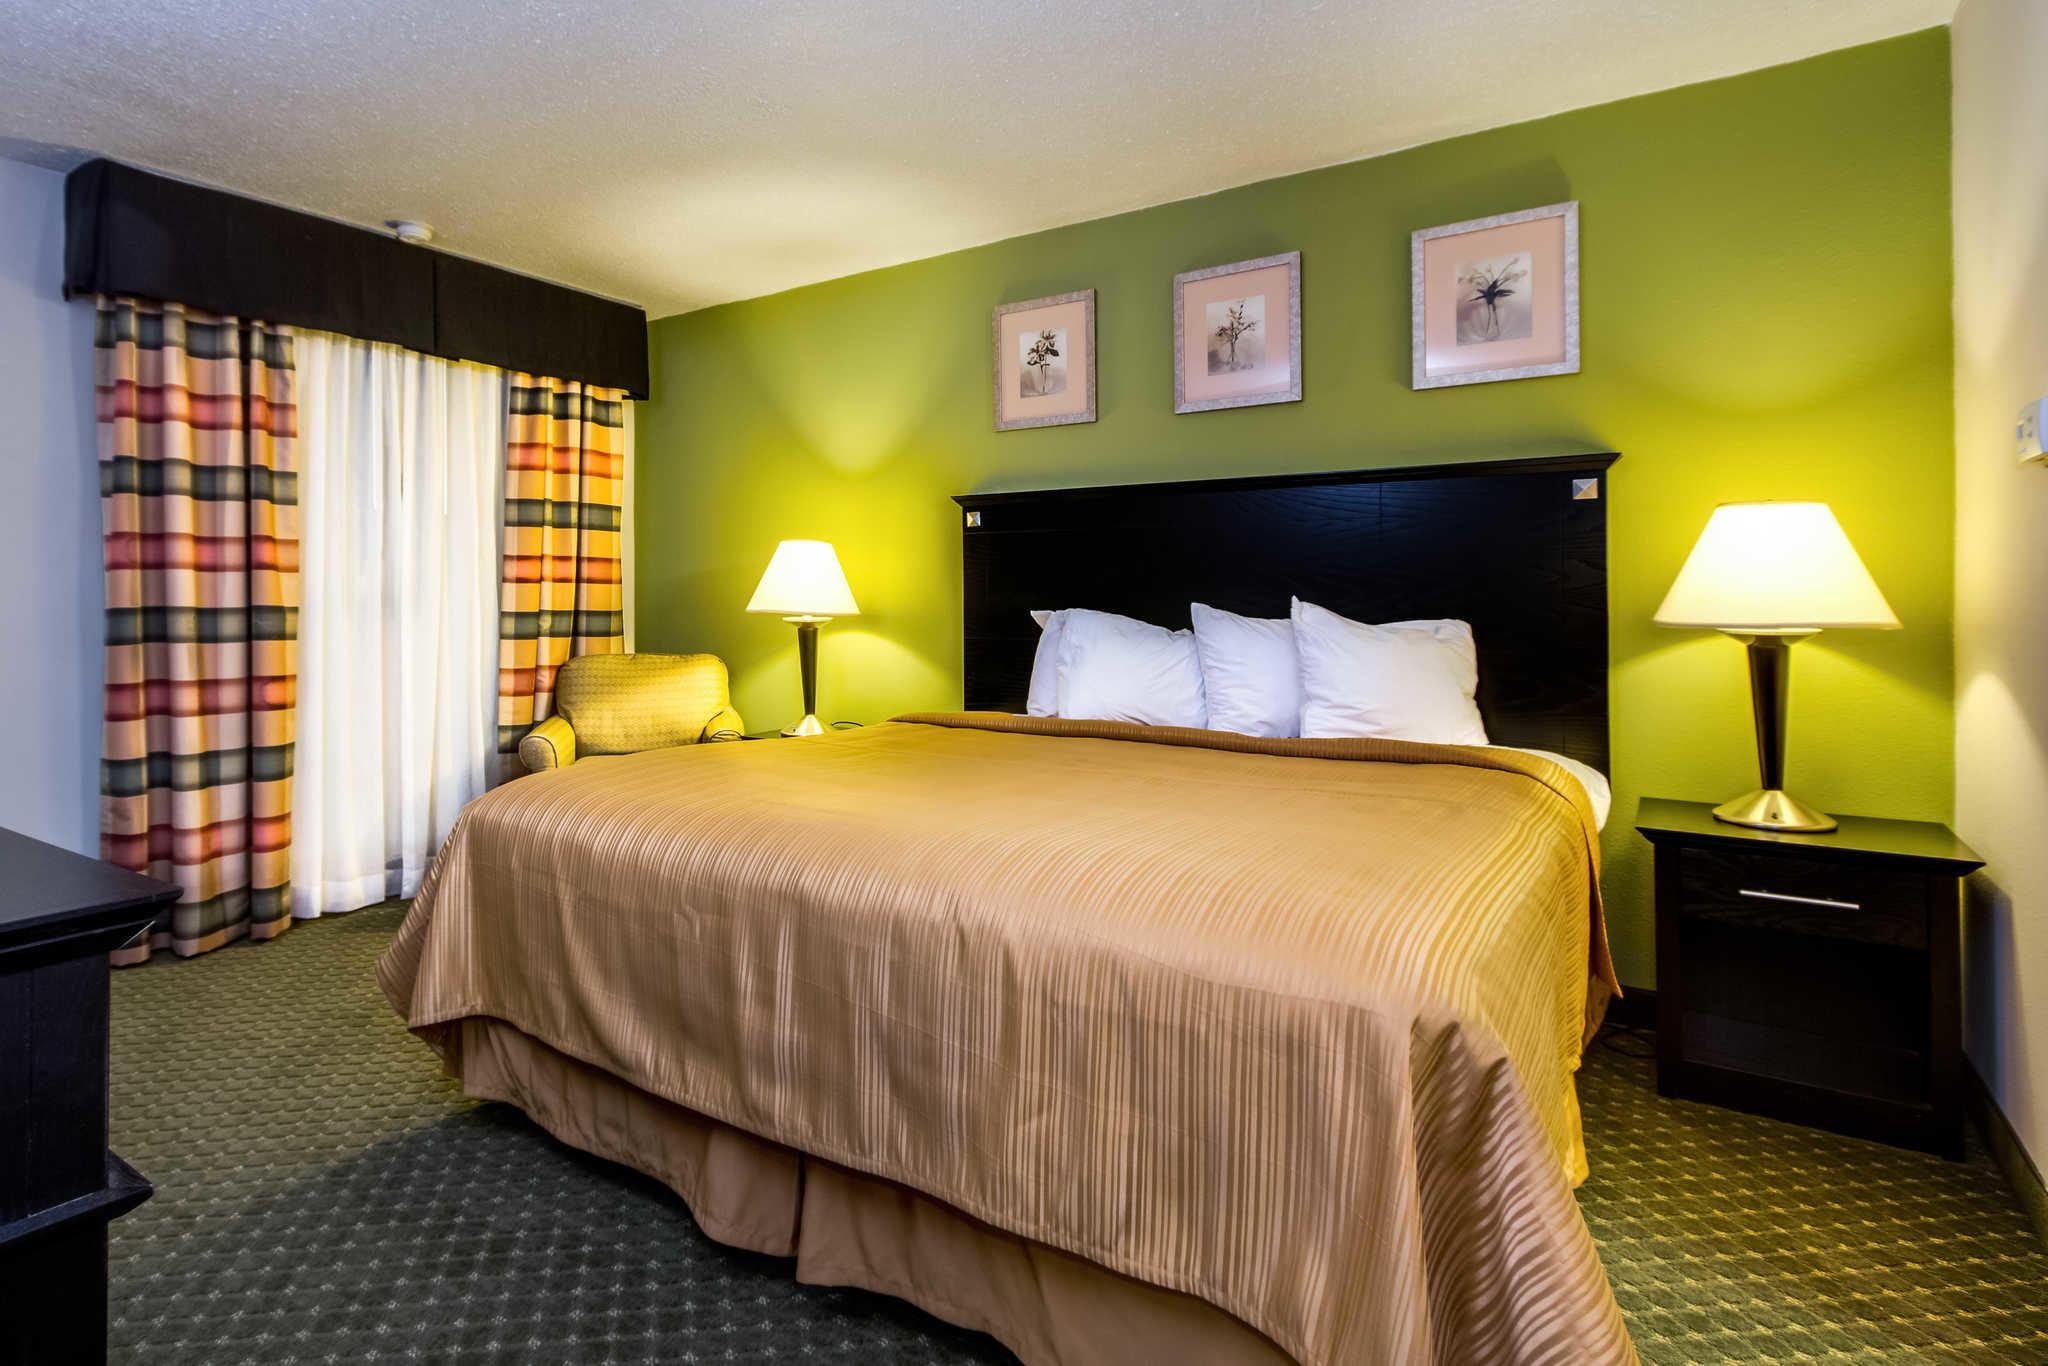 Quality Inn & Suites Moline - Quad Cities image 19